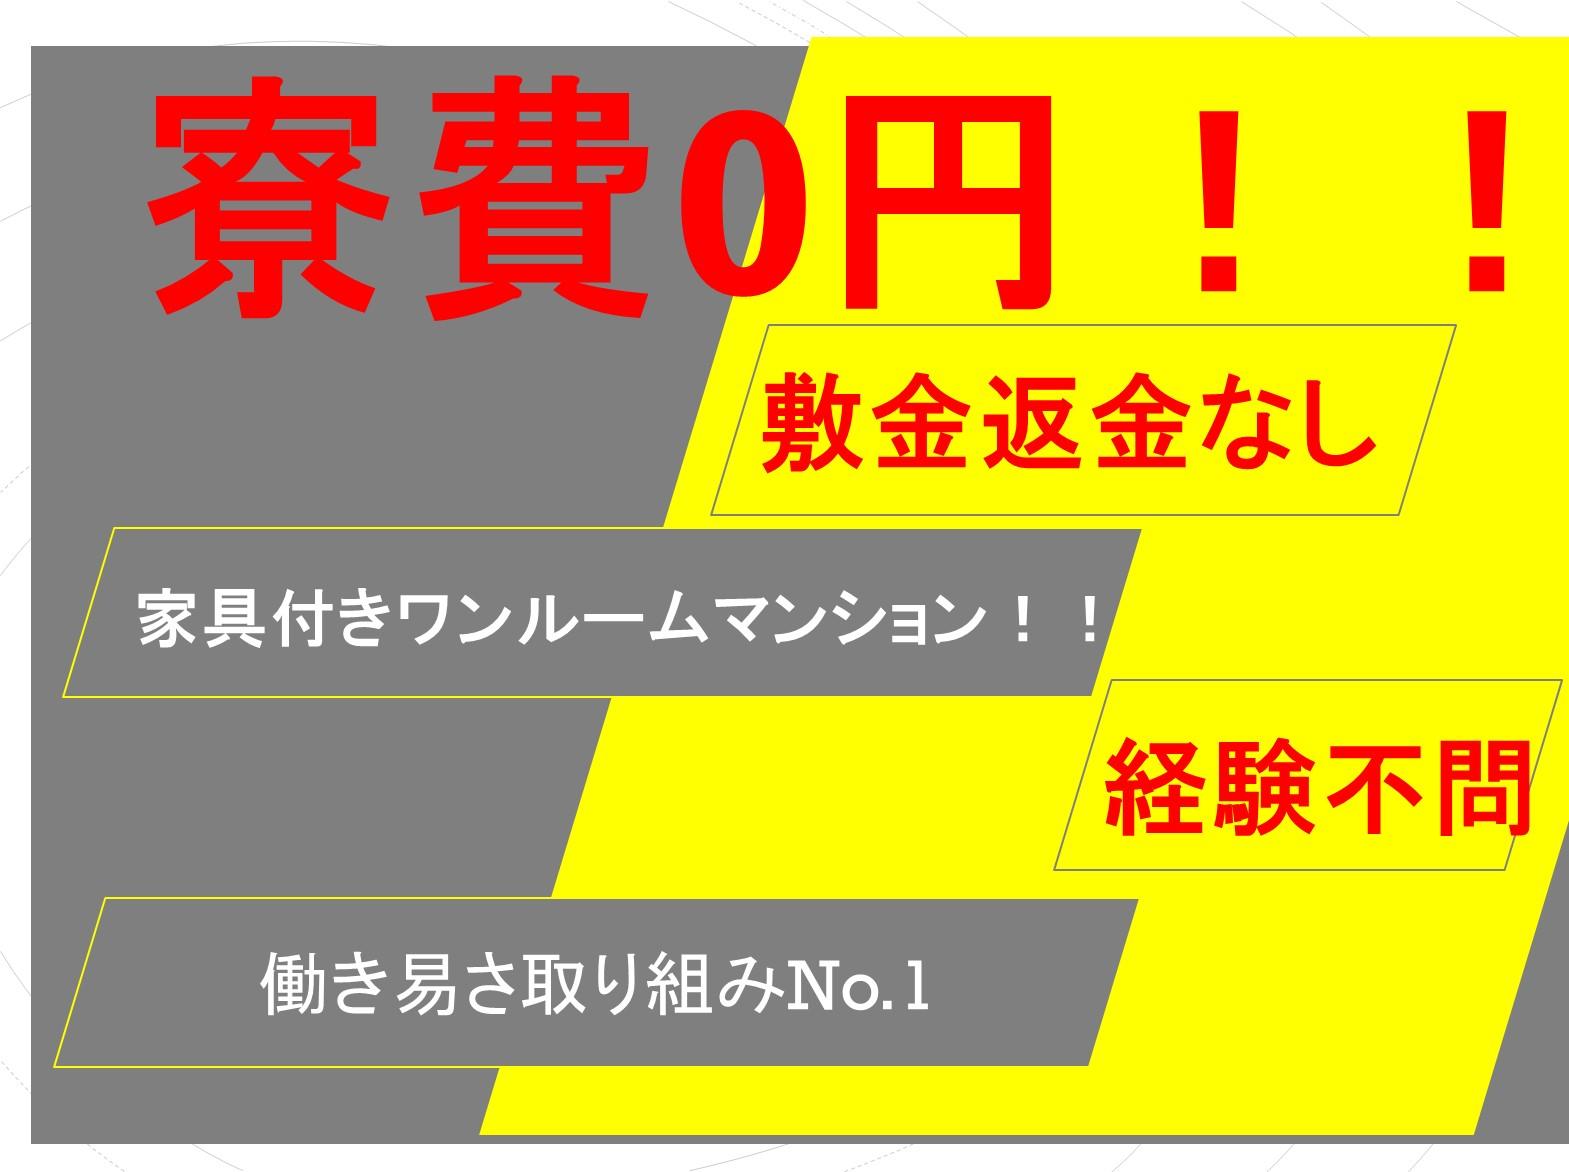 寮費0円!!昇給あり!電子部品製造オペレーター ・検査業務(福井県) イメージ